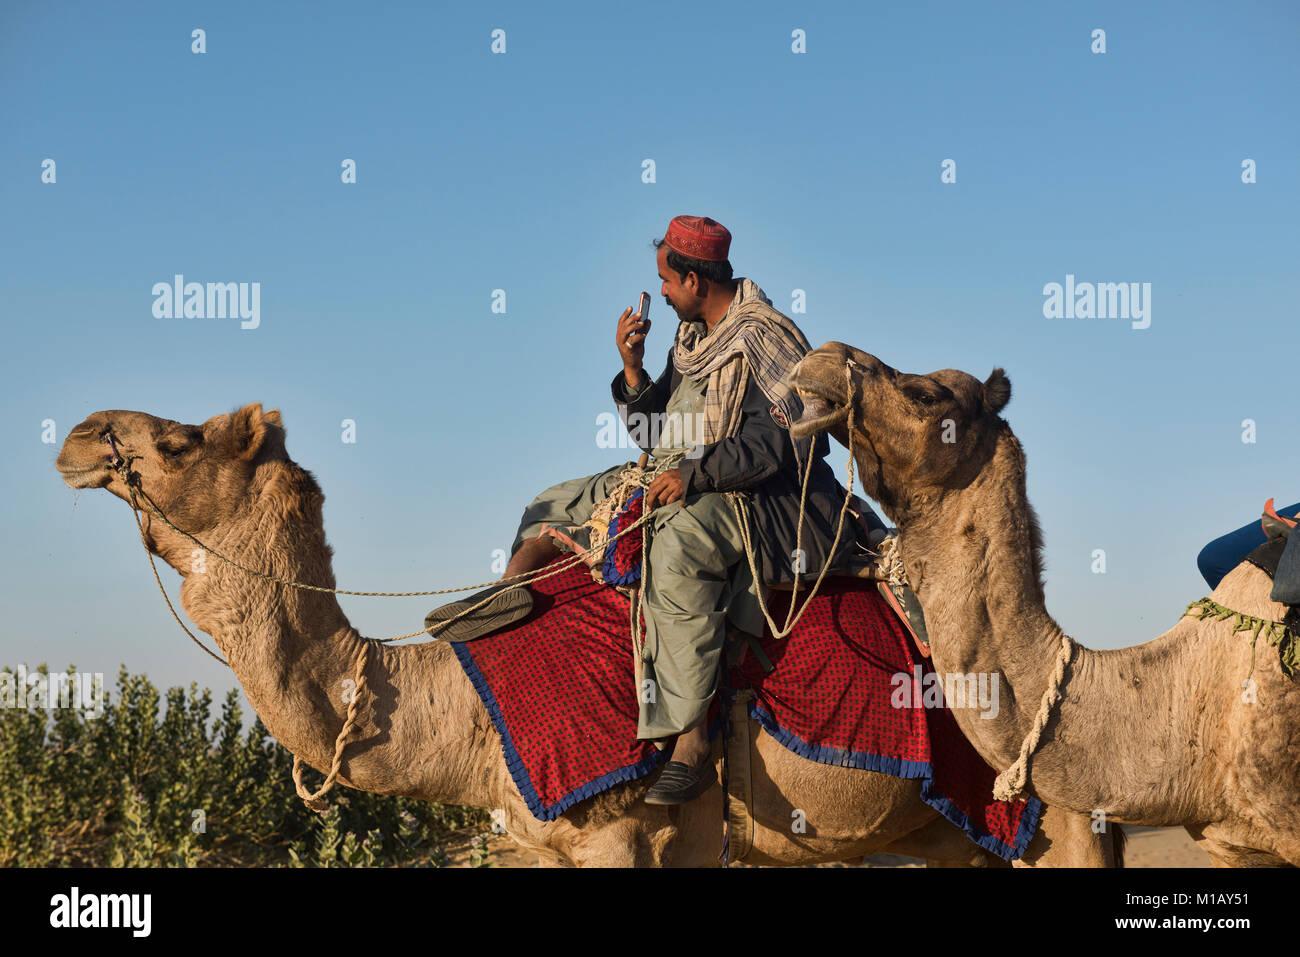 Modern day camel trekking in the Thar Desert, Rajasthan, India - Stock Image